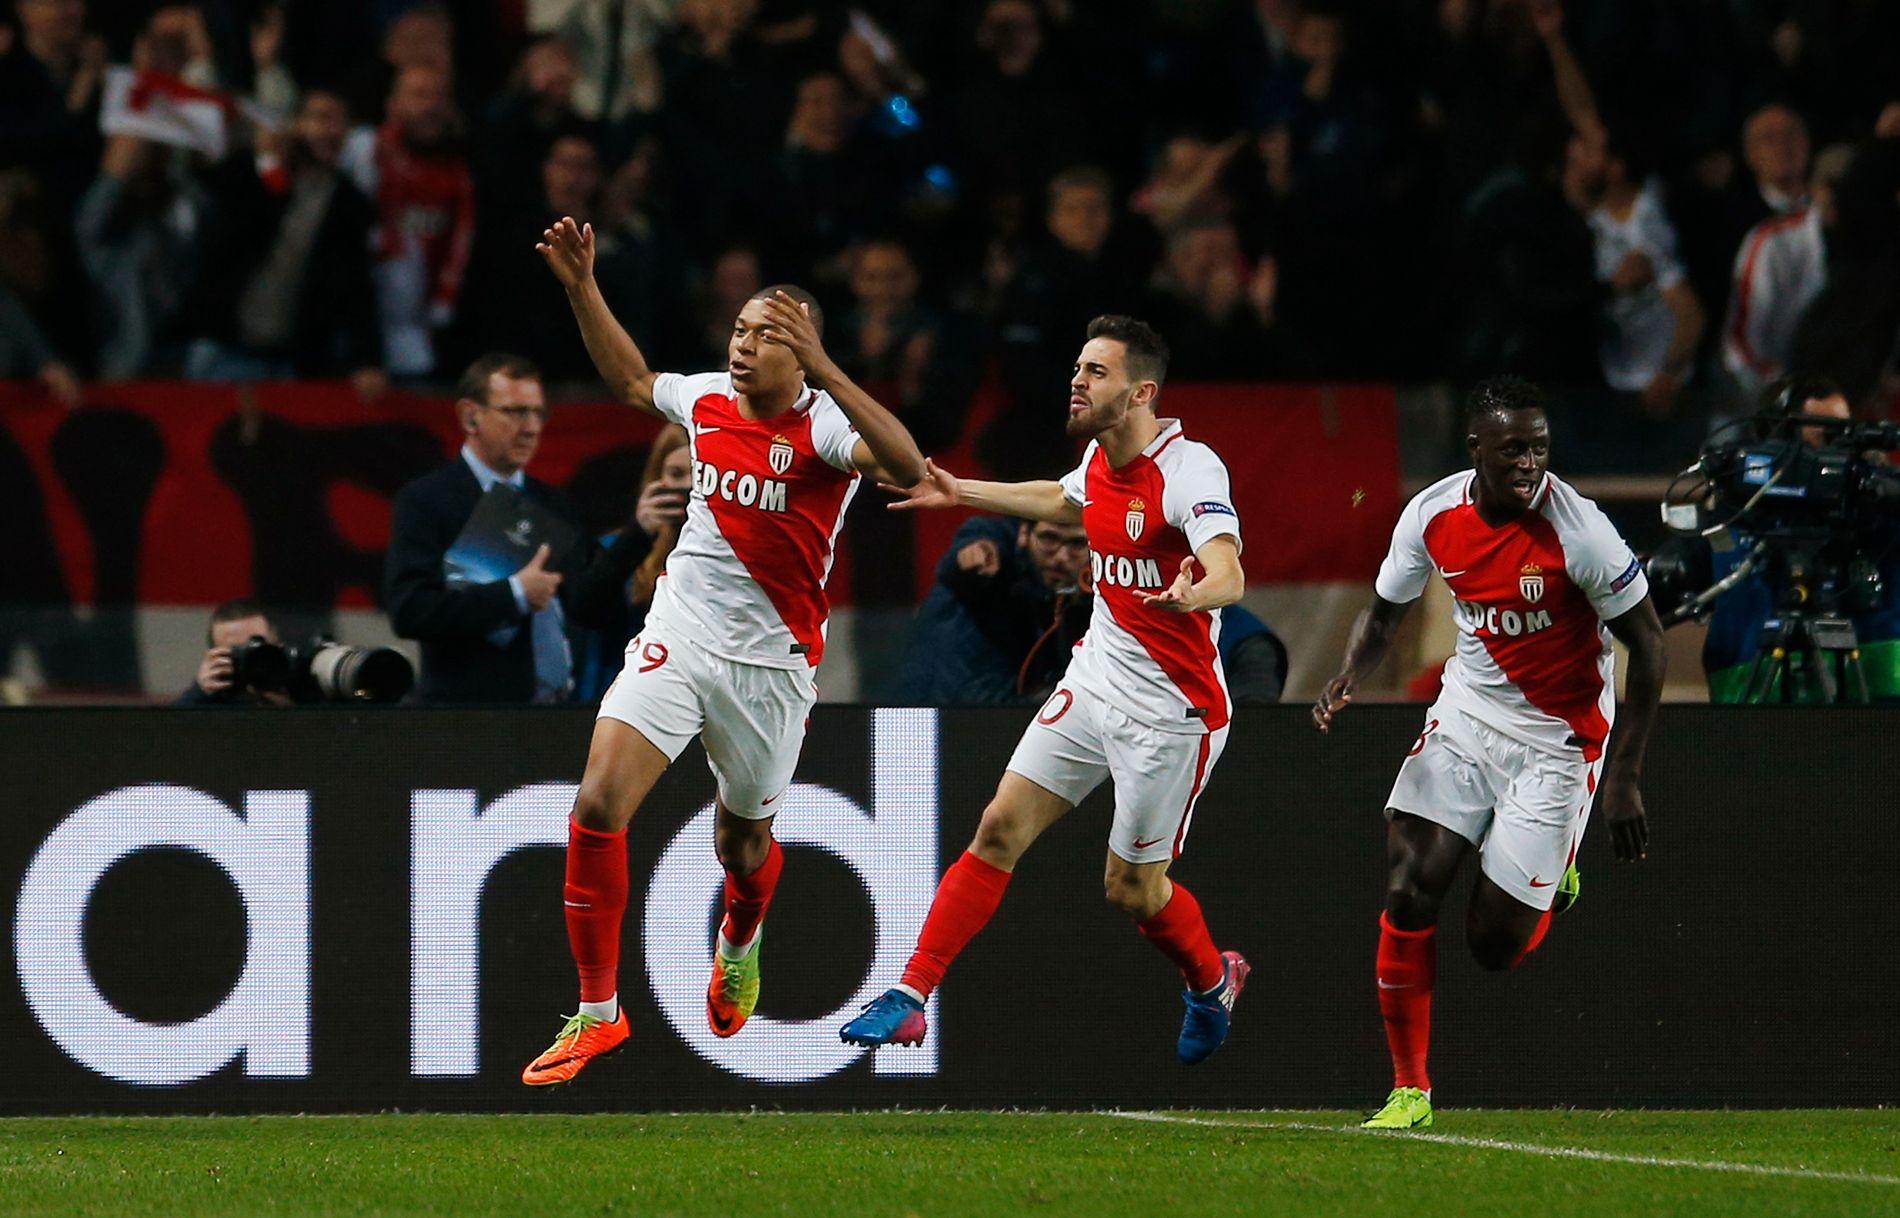 PENGEMASKINER: Monaco har solgt Bernardo Silva (i midten) og Benjamin Mendy (t.h.) til Manchester City. Trolig forlater også Kylian Mbappé (t.v.) klubben denne sommeren.